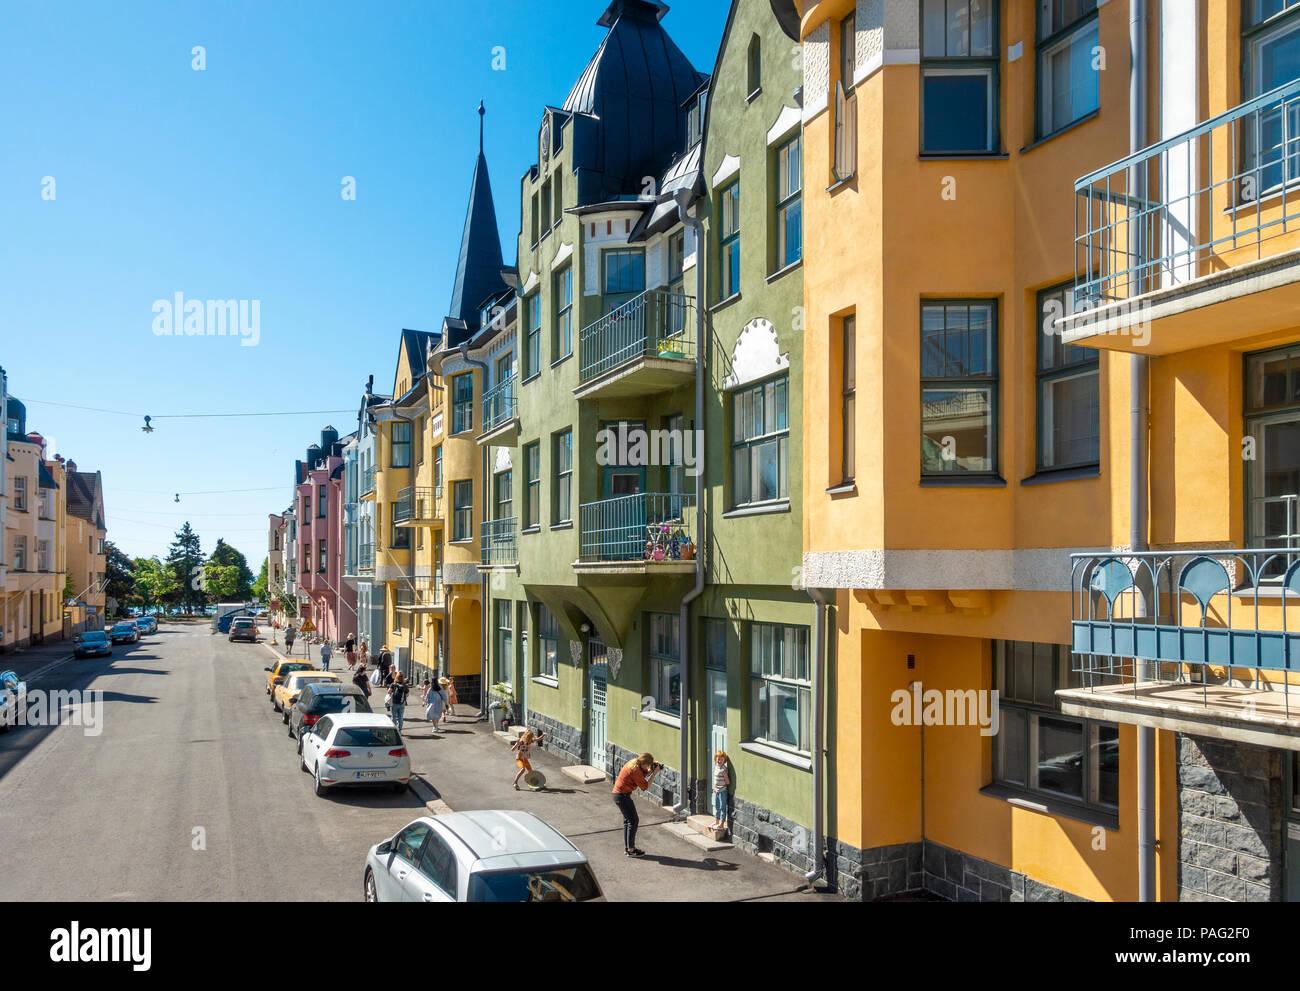 Helsinki coloridas casas en Huvilakatu Street, Helsinki, Finlandia. Colorida con colores pastel Jugendstil y Art Nouveau villas ciudad Imagen De Stock